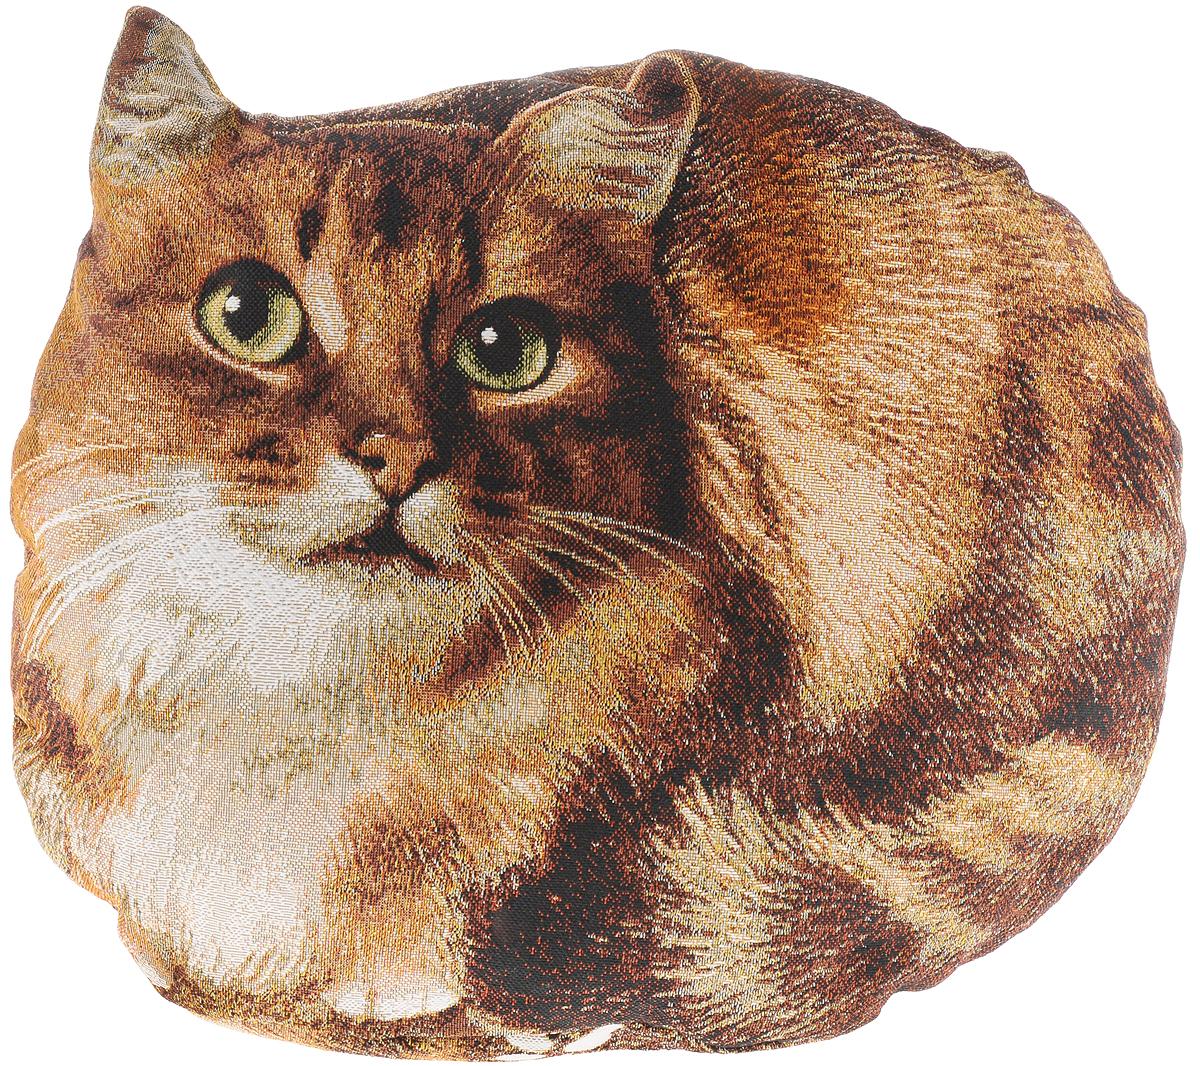 Подушка декоративная Рапира Пушок, 40 х 30 см4869Декоративная подушка Рапира Пушок прекрасно дополнит интерьер спальни или гостиной. Она выполнена в форме кошки. Чехол подушки изготовлен с гобеленовой фотопечатью из 50% хлопка и 50% полиэфира. Внутри - мягкий наполнитель из холлофайбера. Чехол не снимается. Красивая подушка создаст атмосферу уюта и комфорта в спальне и станет прекрасным элементом декора.